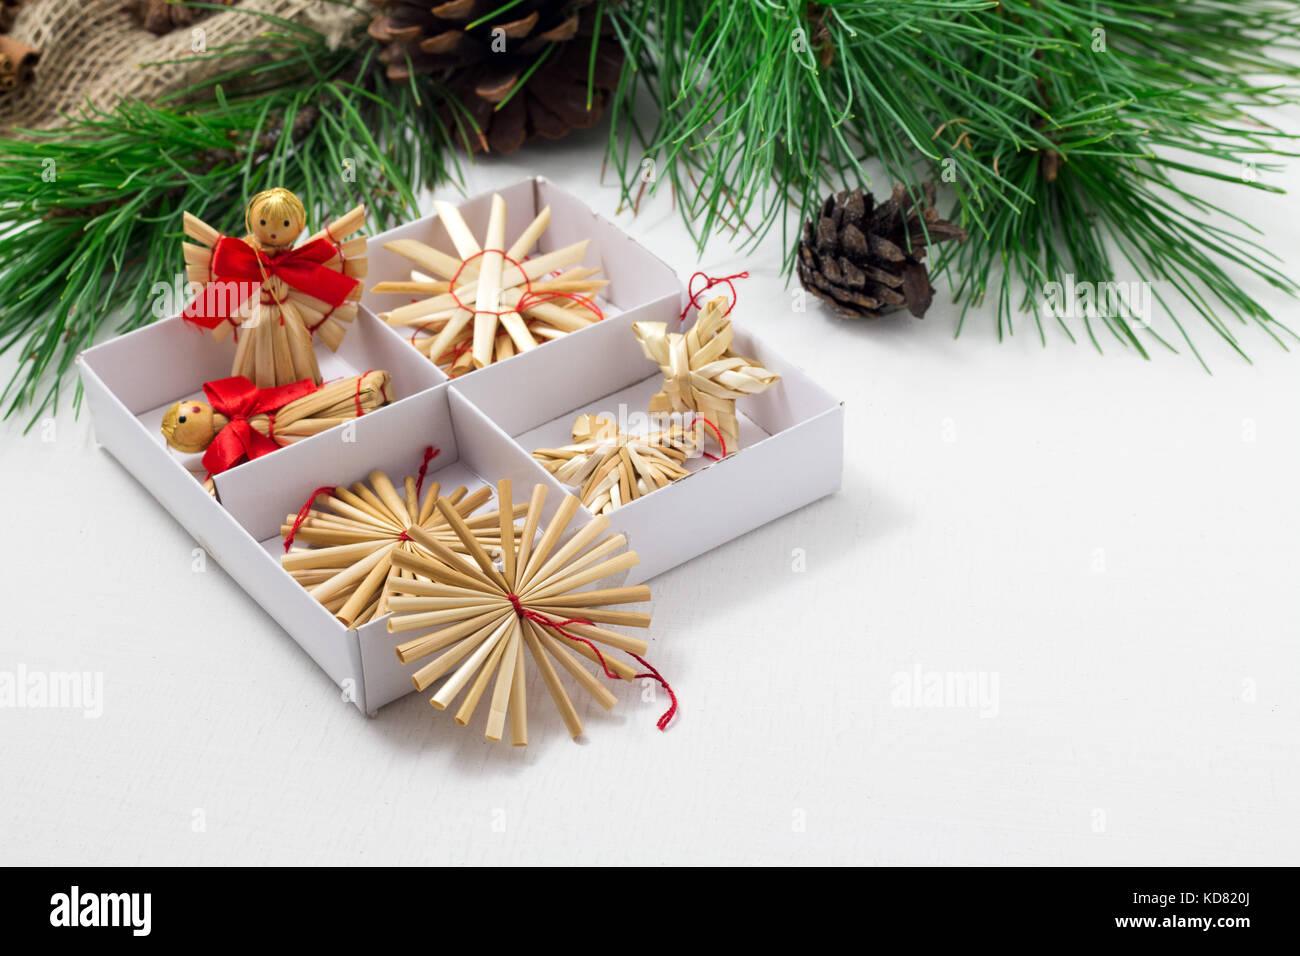 Beste Draht Weihnachtsbaum Rahmen Galerie - Rahmen Ideen ...